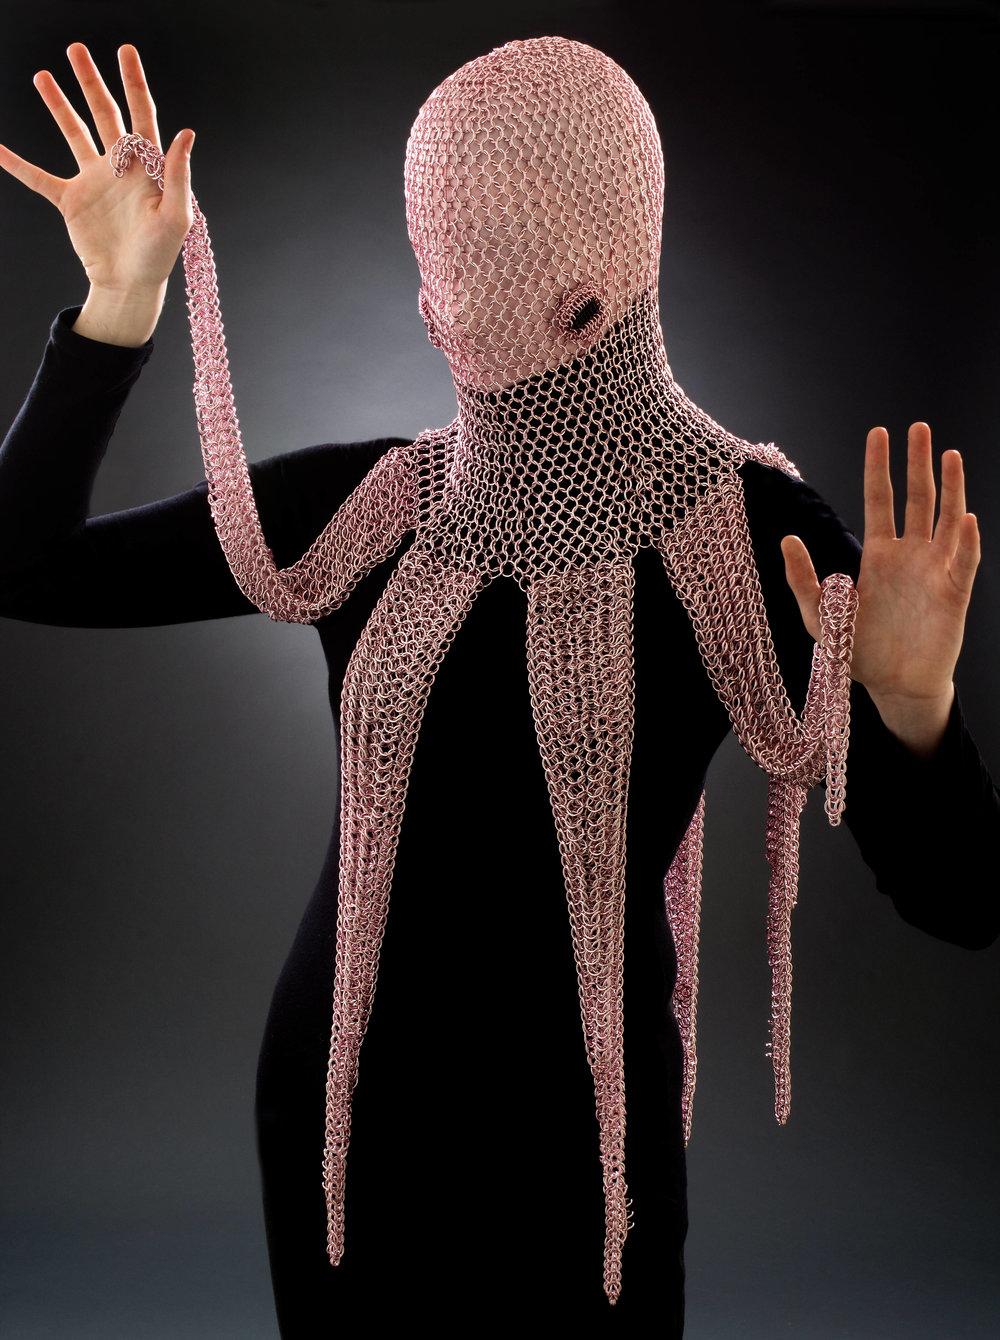 octopusoctopus.jpg